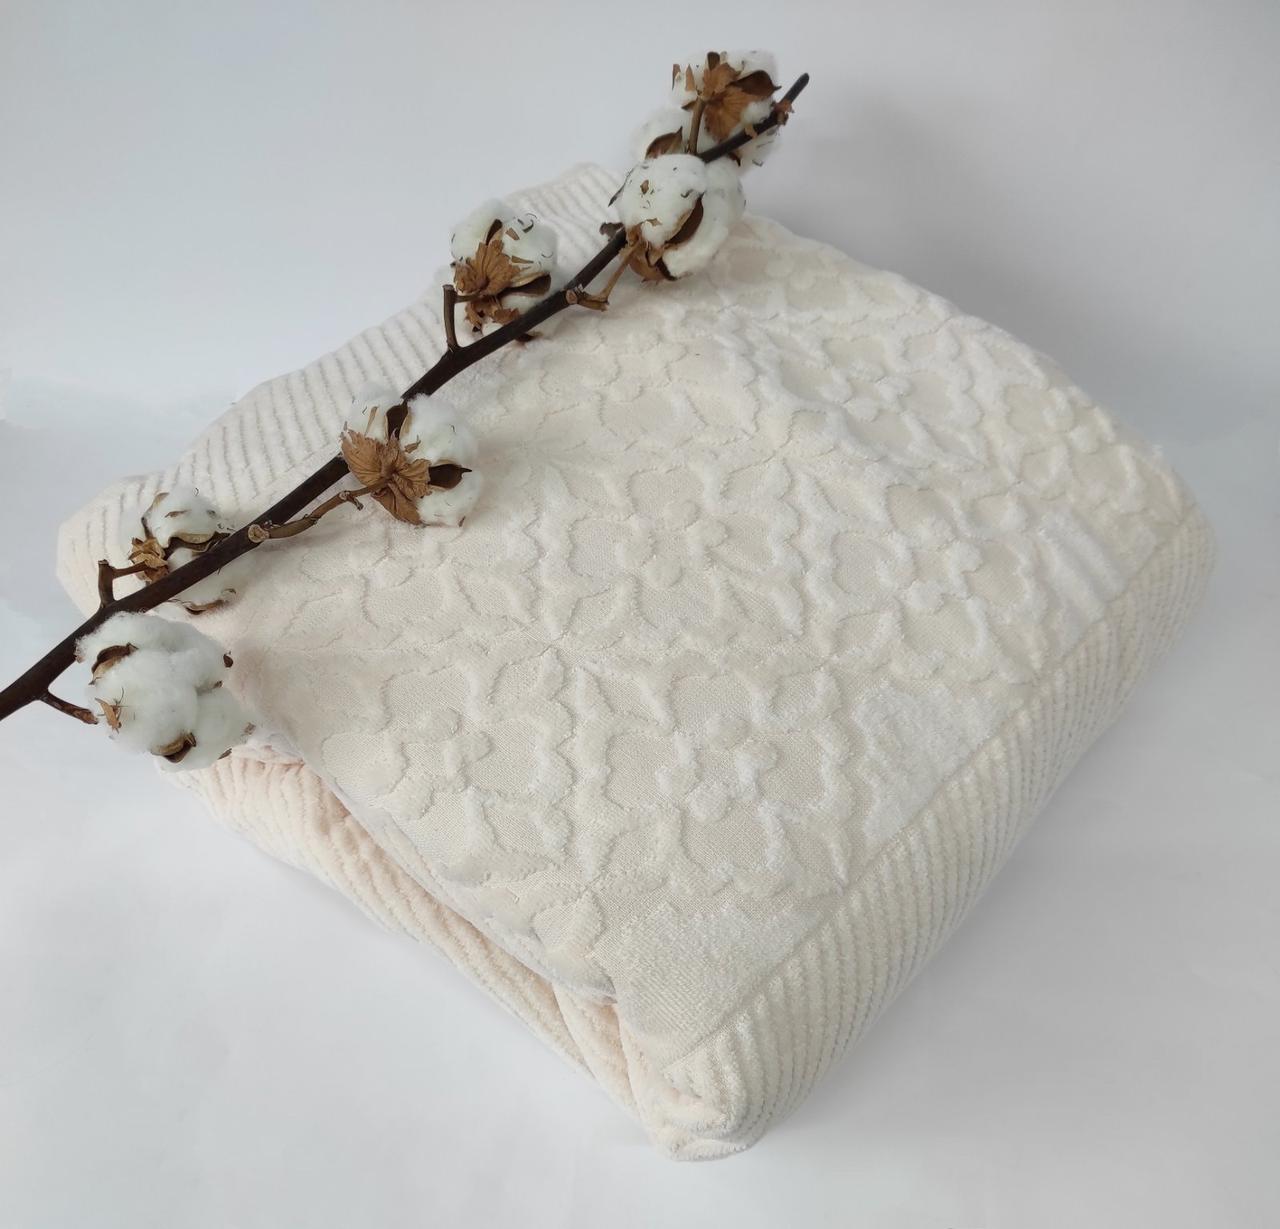 Махровая Простынь Евро АЕ Cotton 220Х240 см кремовая